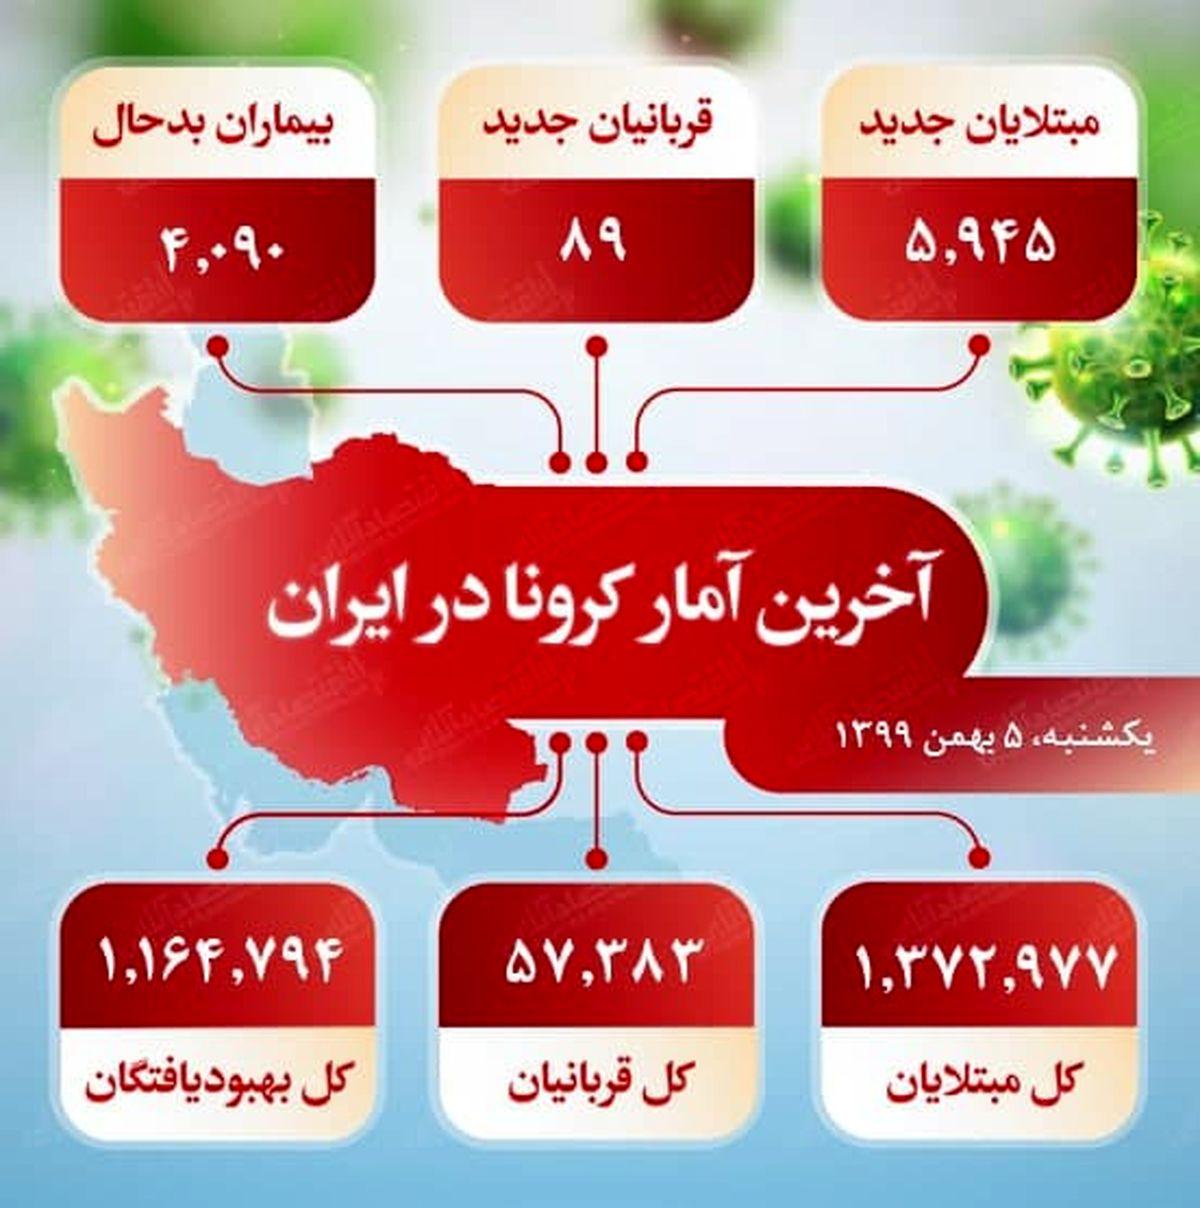 آخرین آمار کرونا در ایران (۹۹/۱۱/۵)